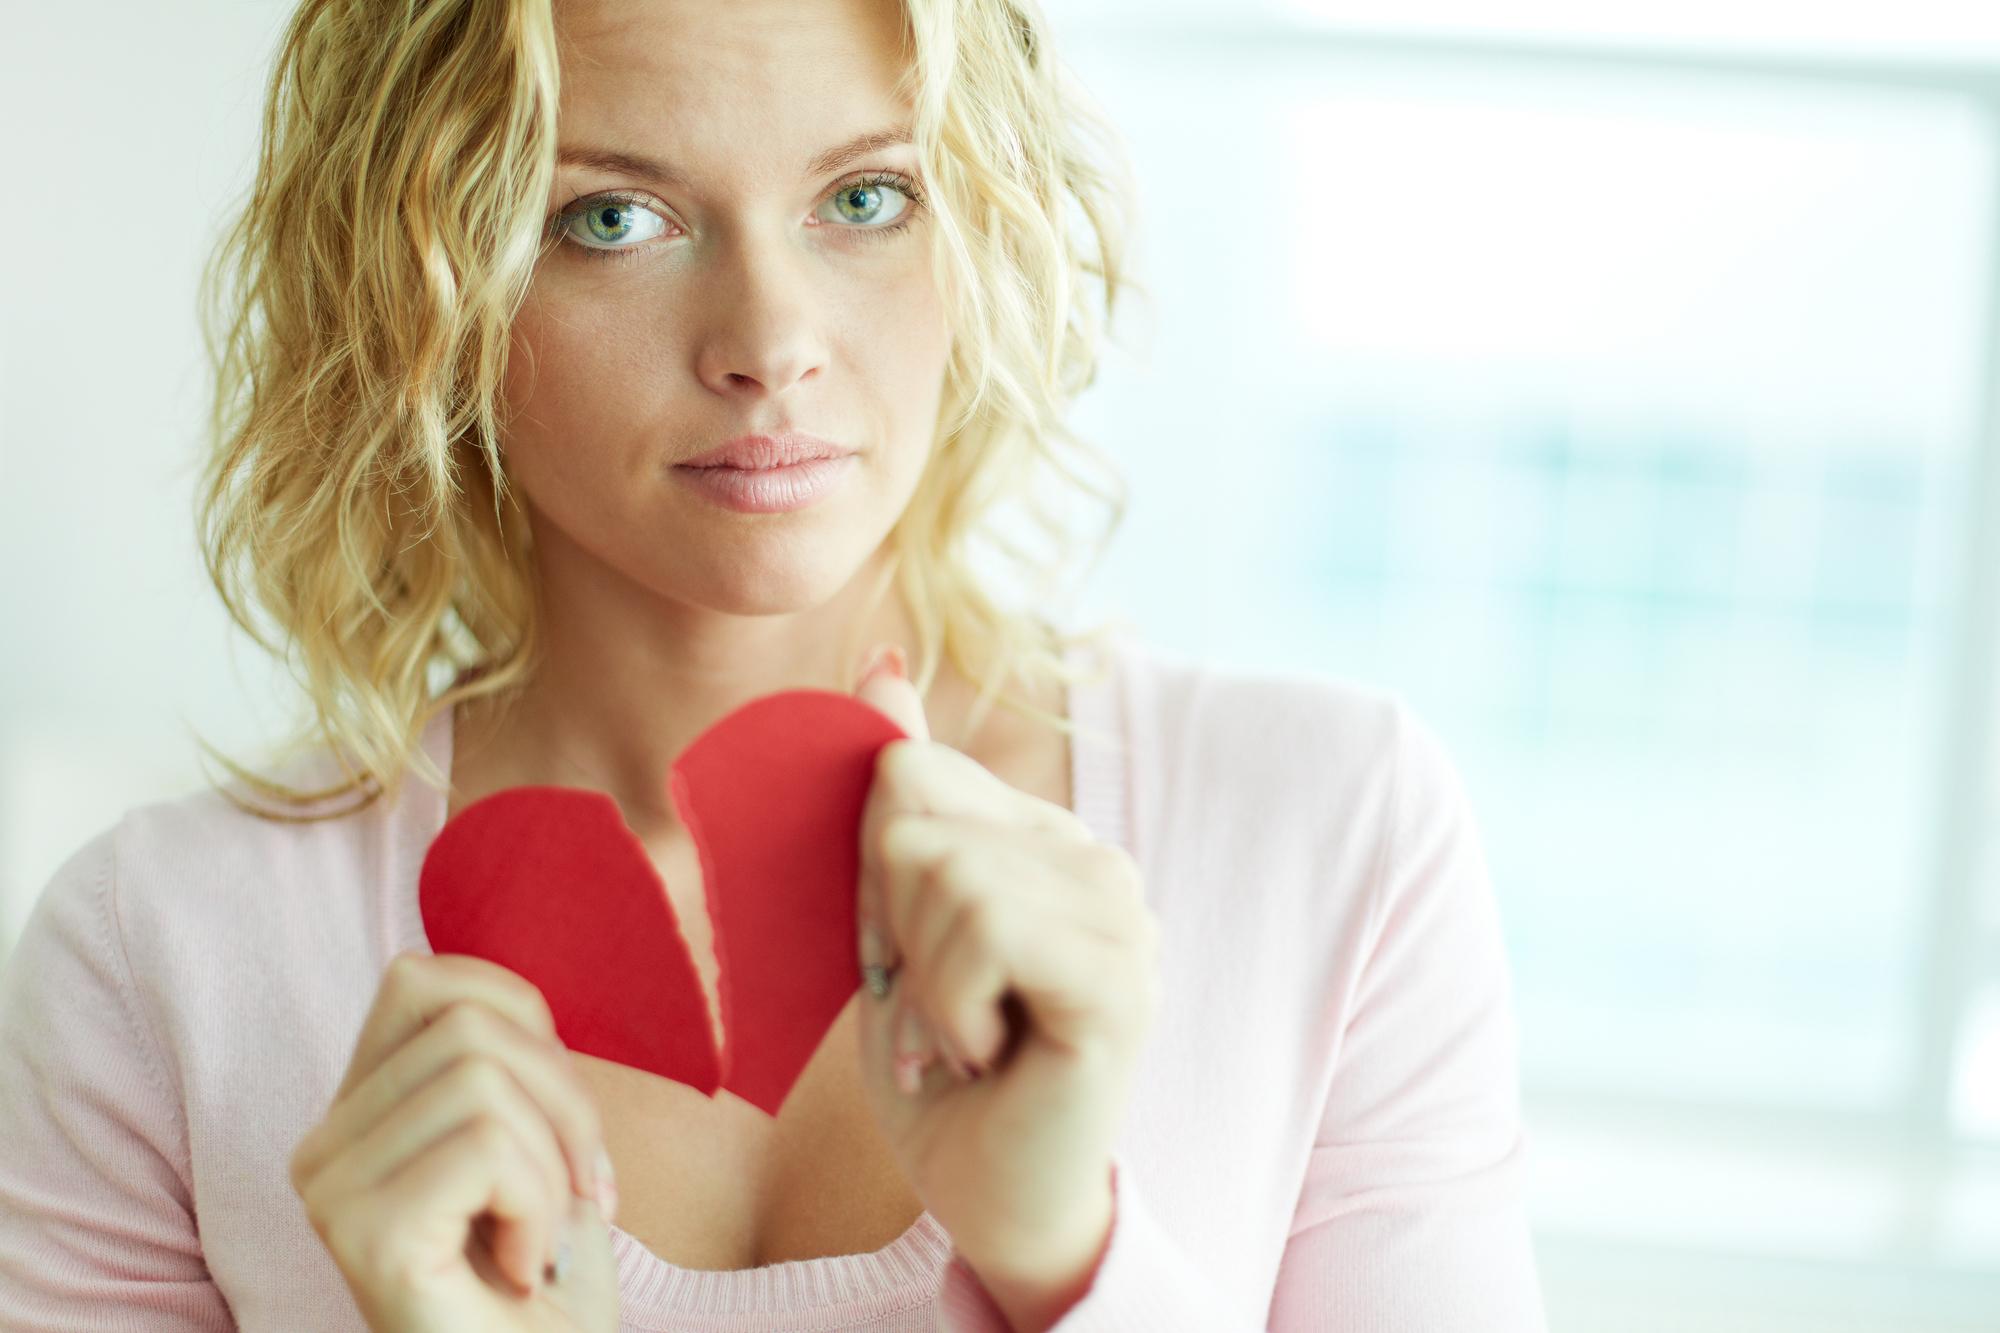 Как восстановиться после разрыва отношений?